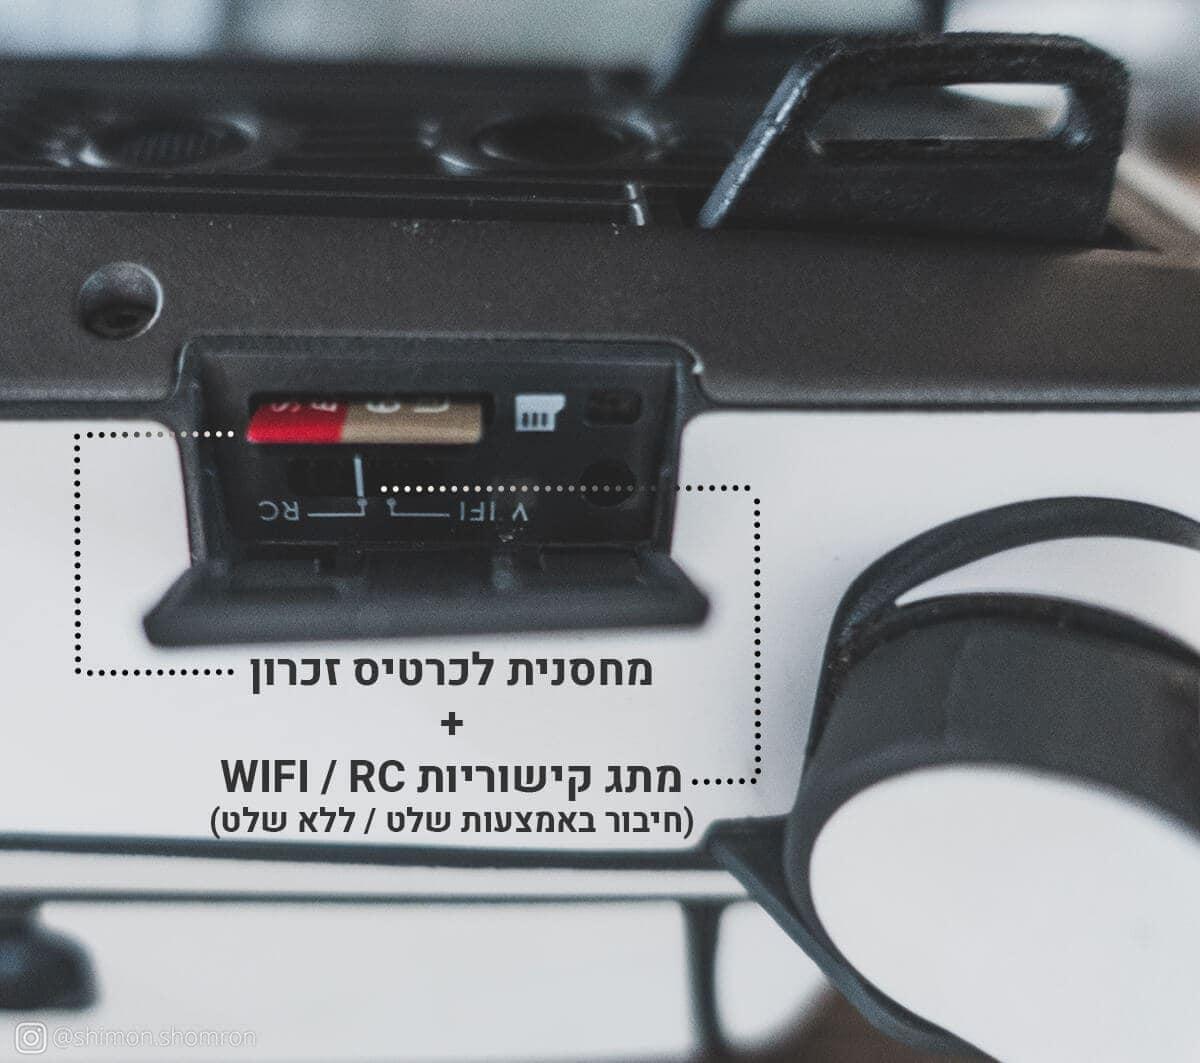 מאויק פרו - פתח כרטיס זכרון ובורר קישוריות